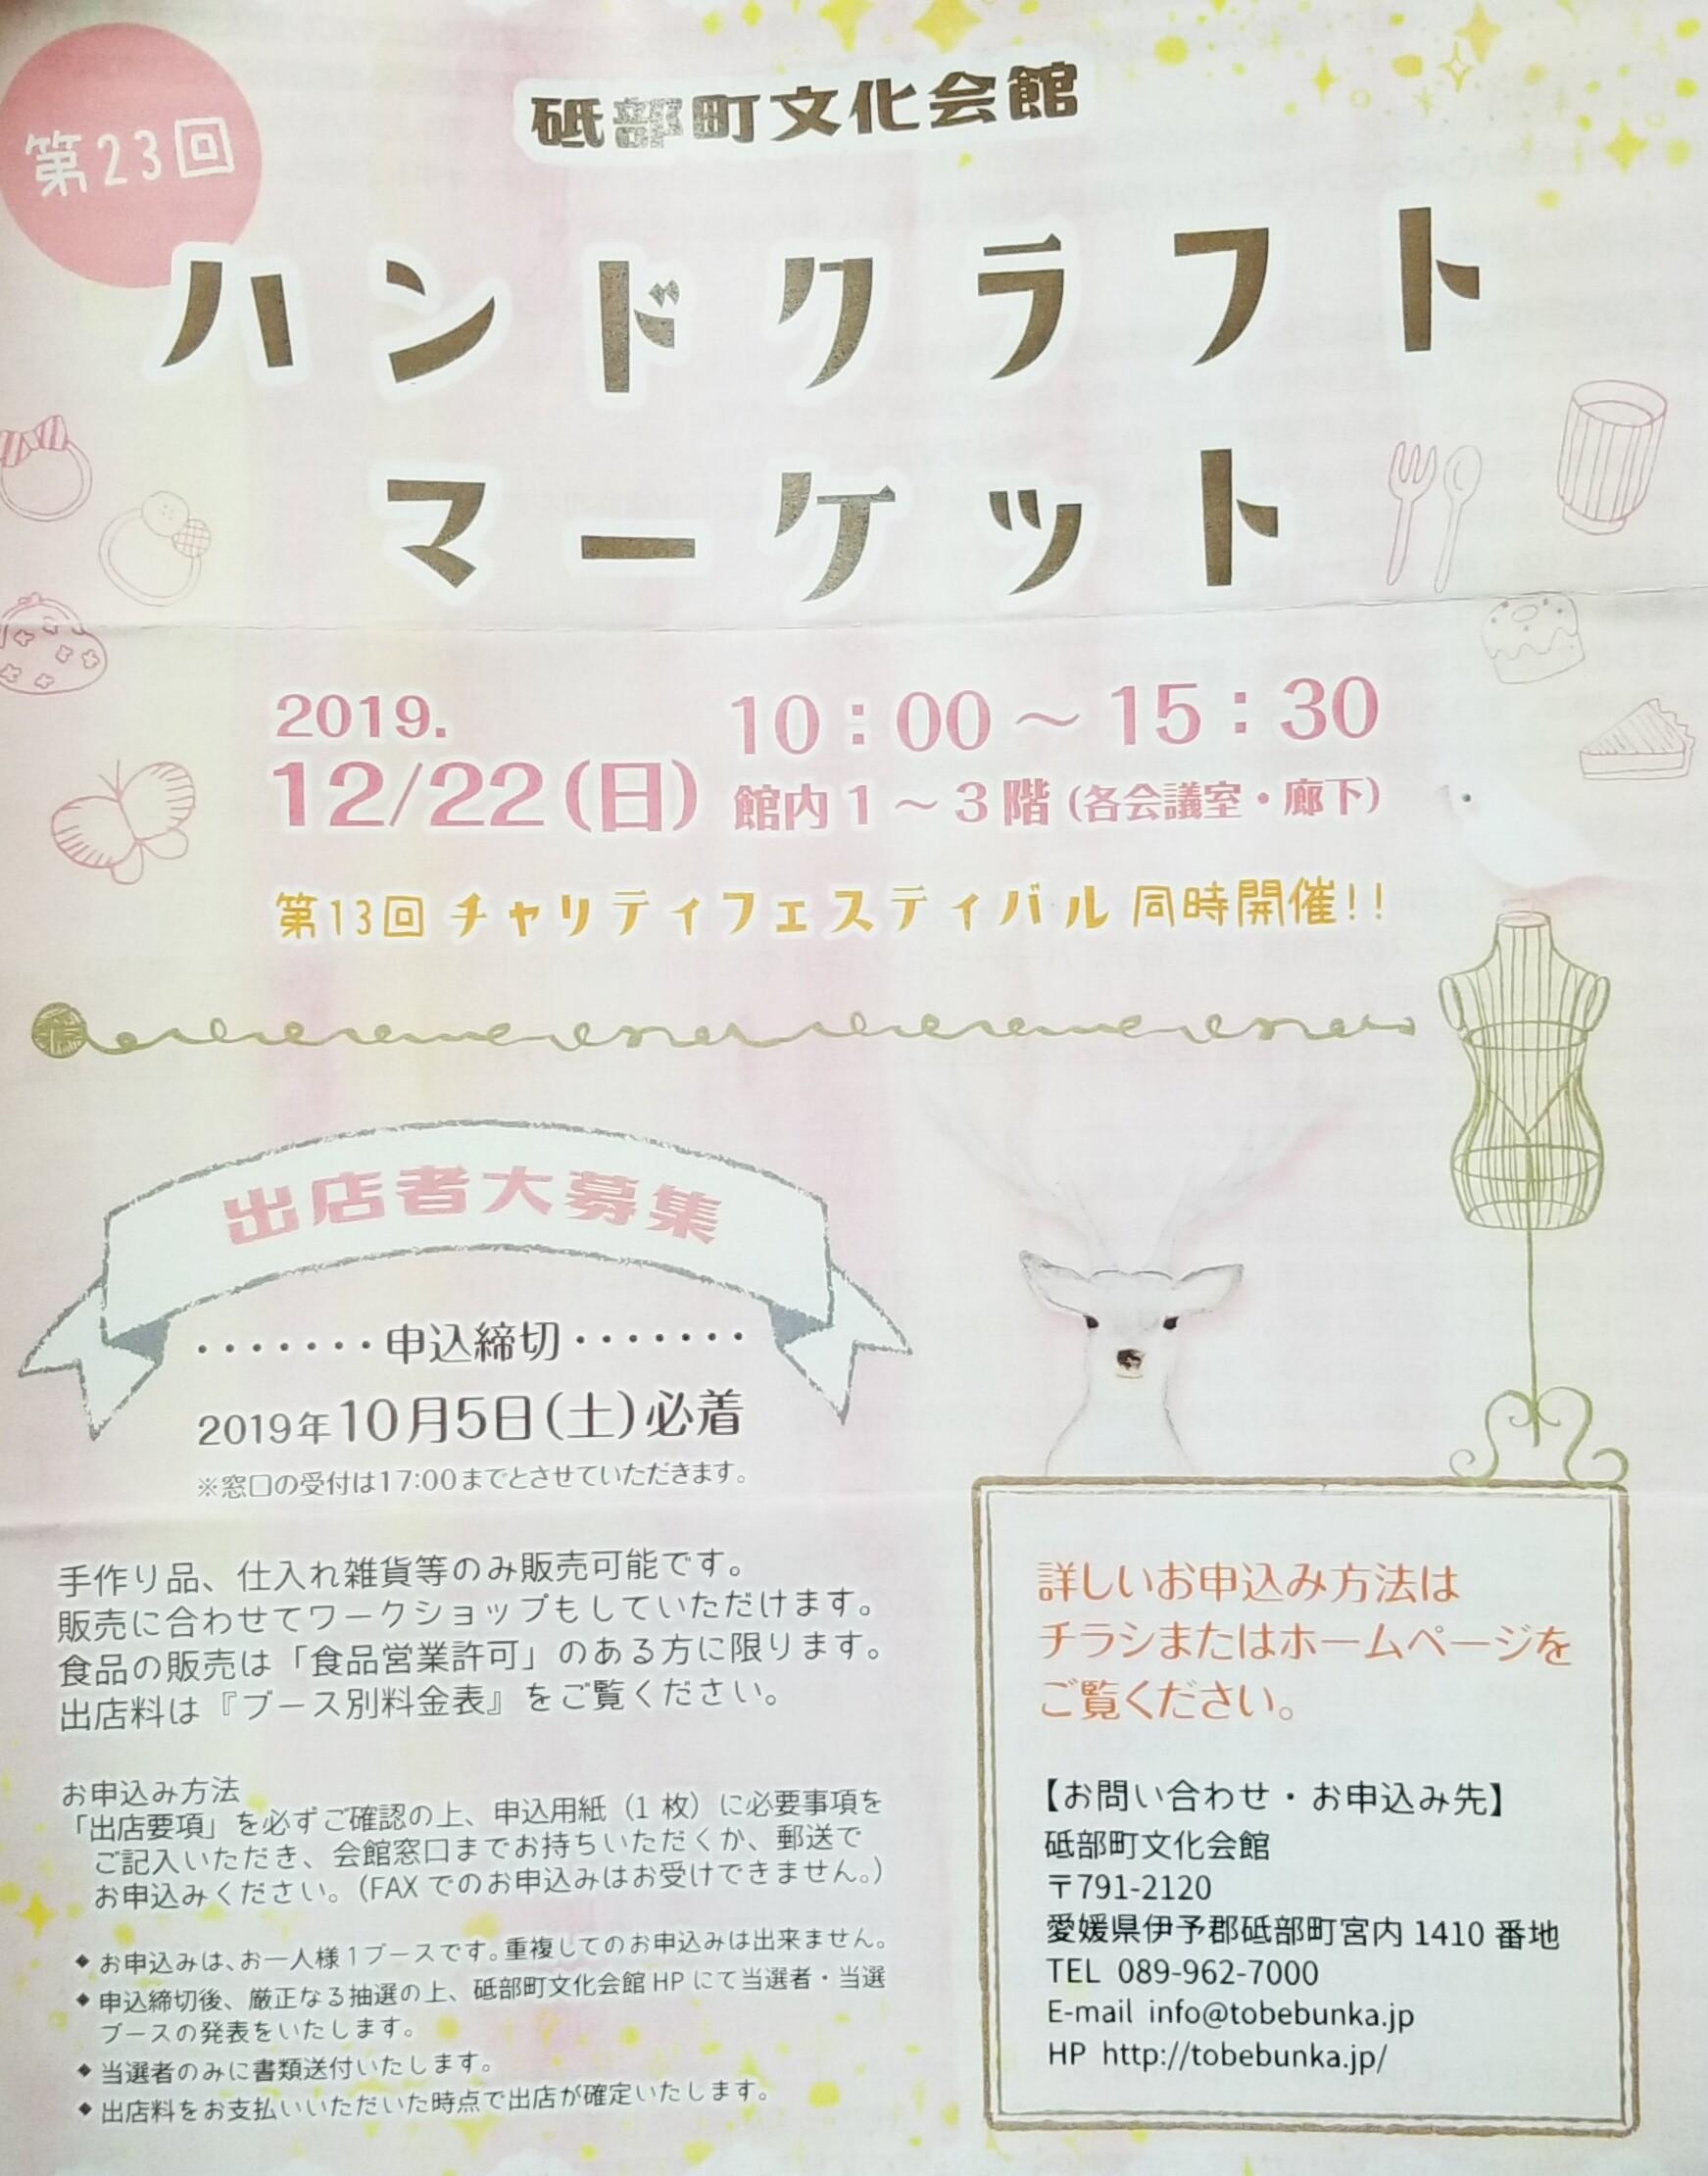 愛媛県松山市砥部町文化会館クラフトマーケットハンドメイドイベント